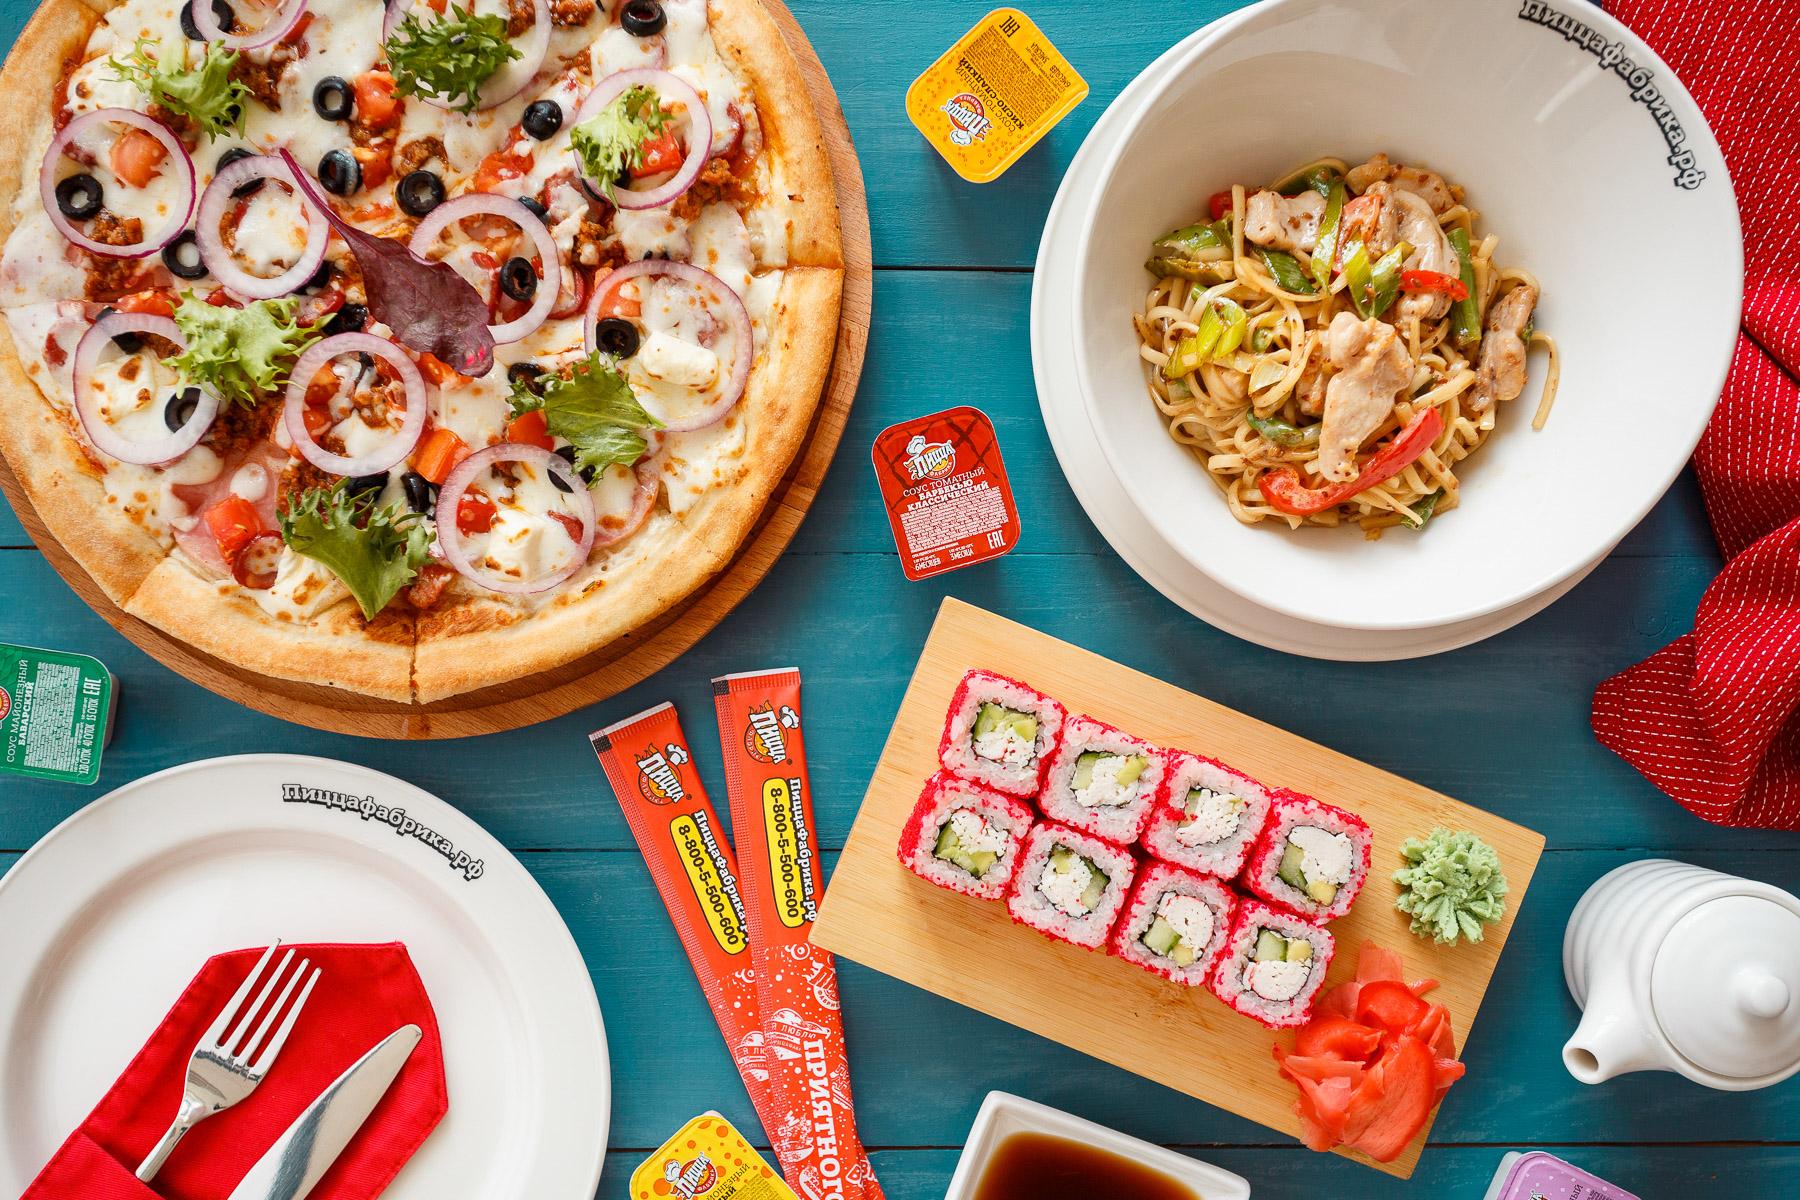 сабля рубящее роллы и пицца картинка в хорошем качестве цветную посуду, заменяем